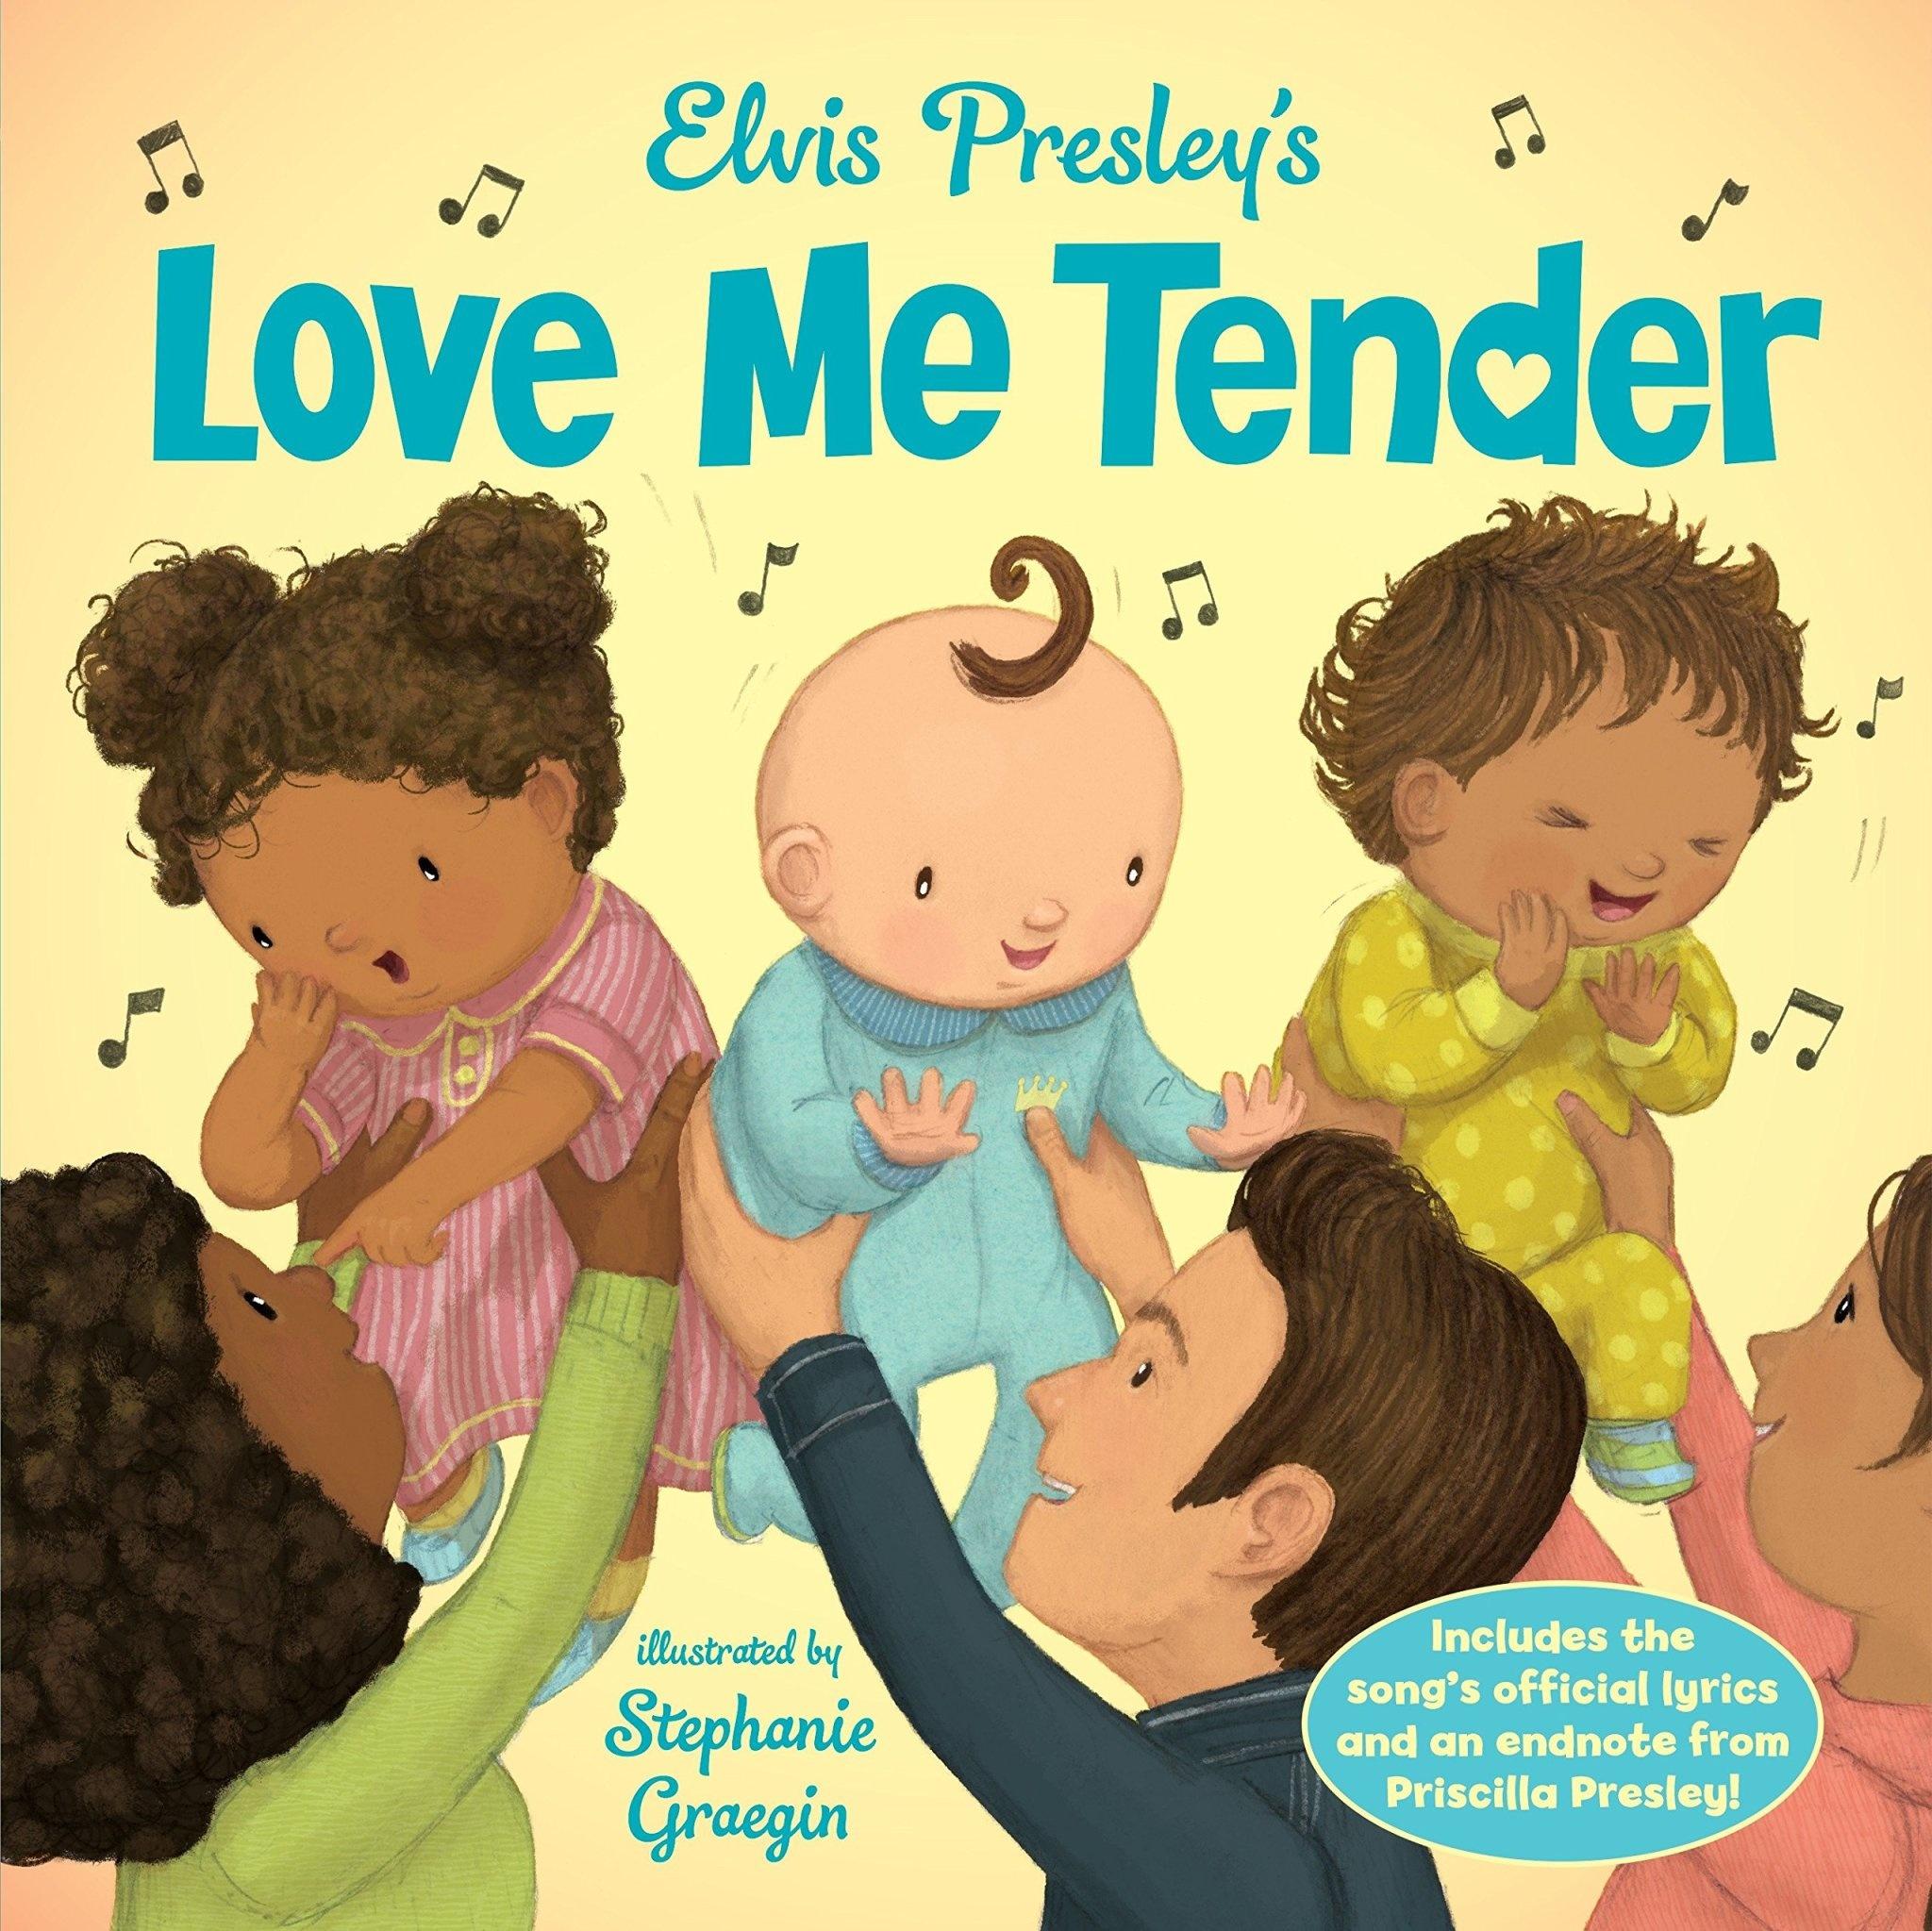 Kids Elvis Presley's Love Me Tender - Stephanie Graegin (Illustrator)